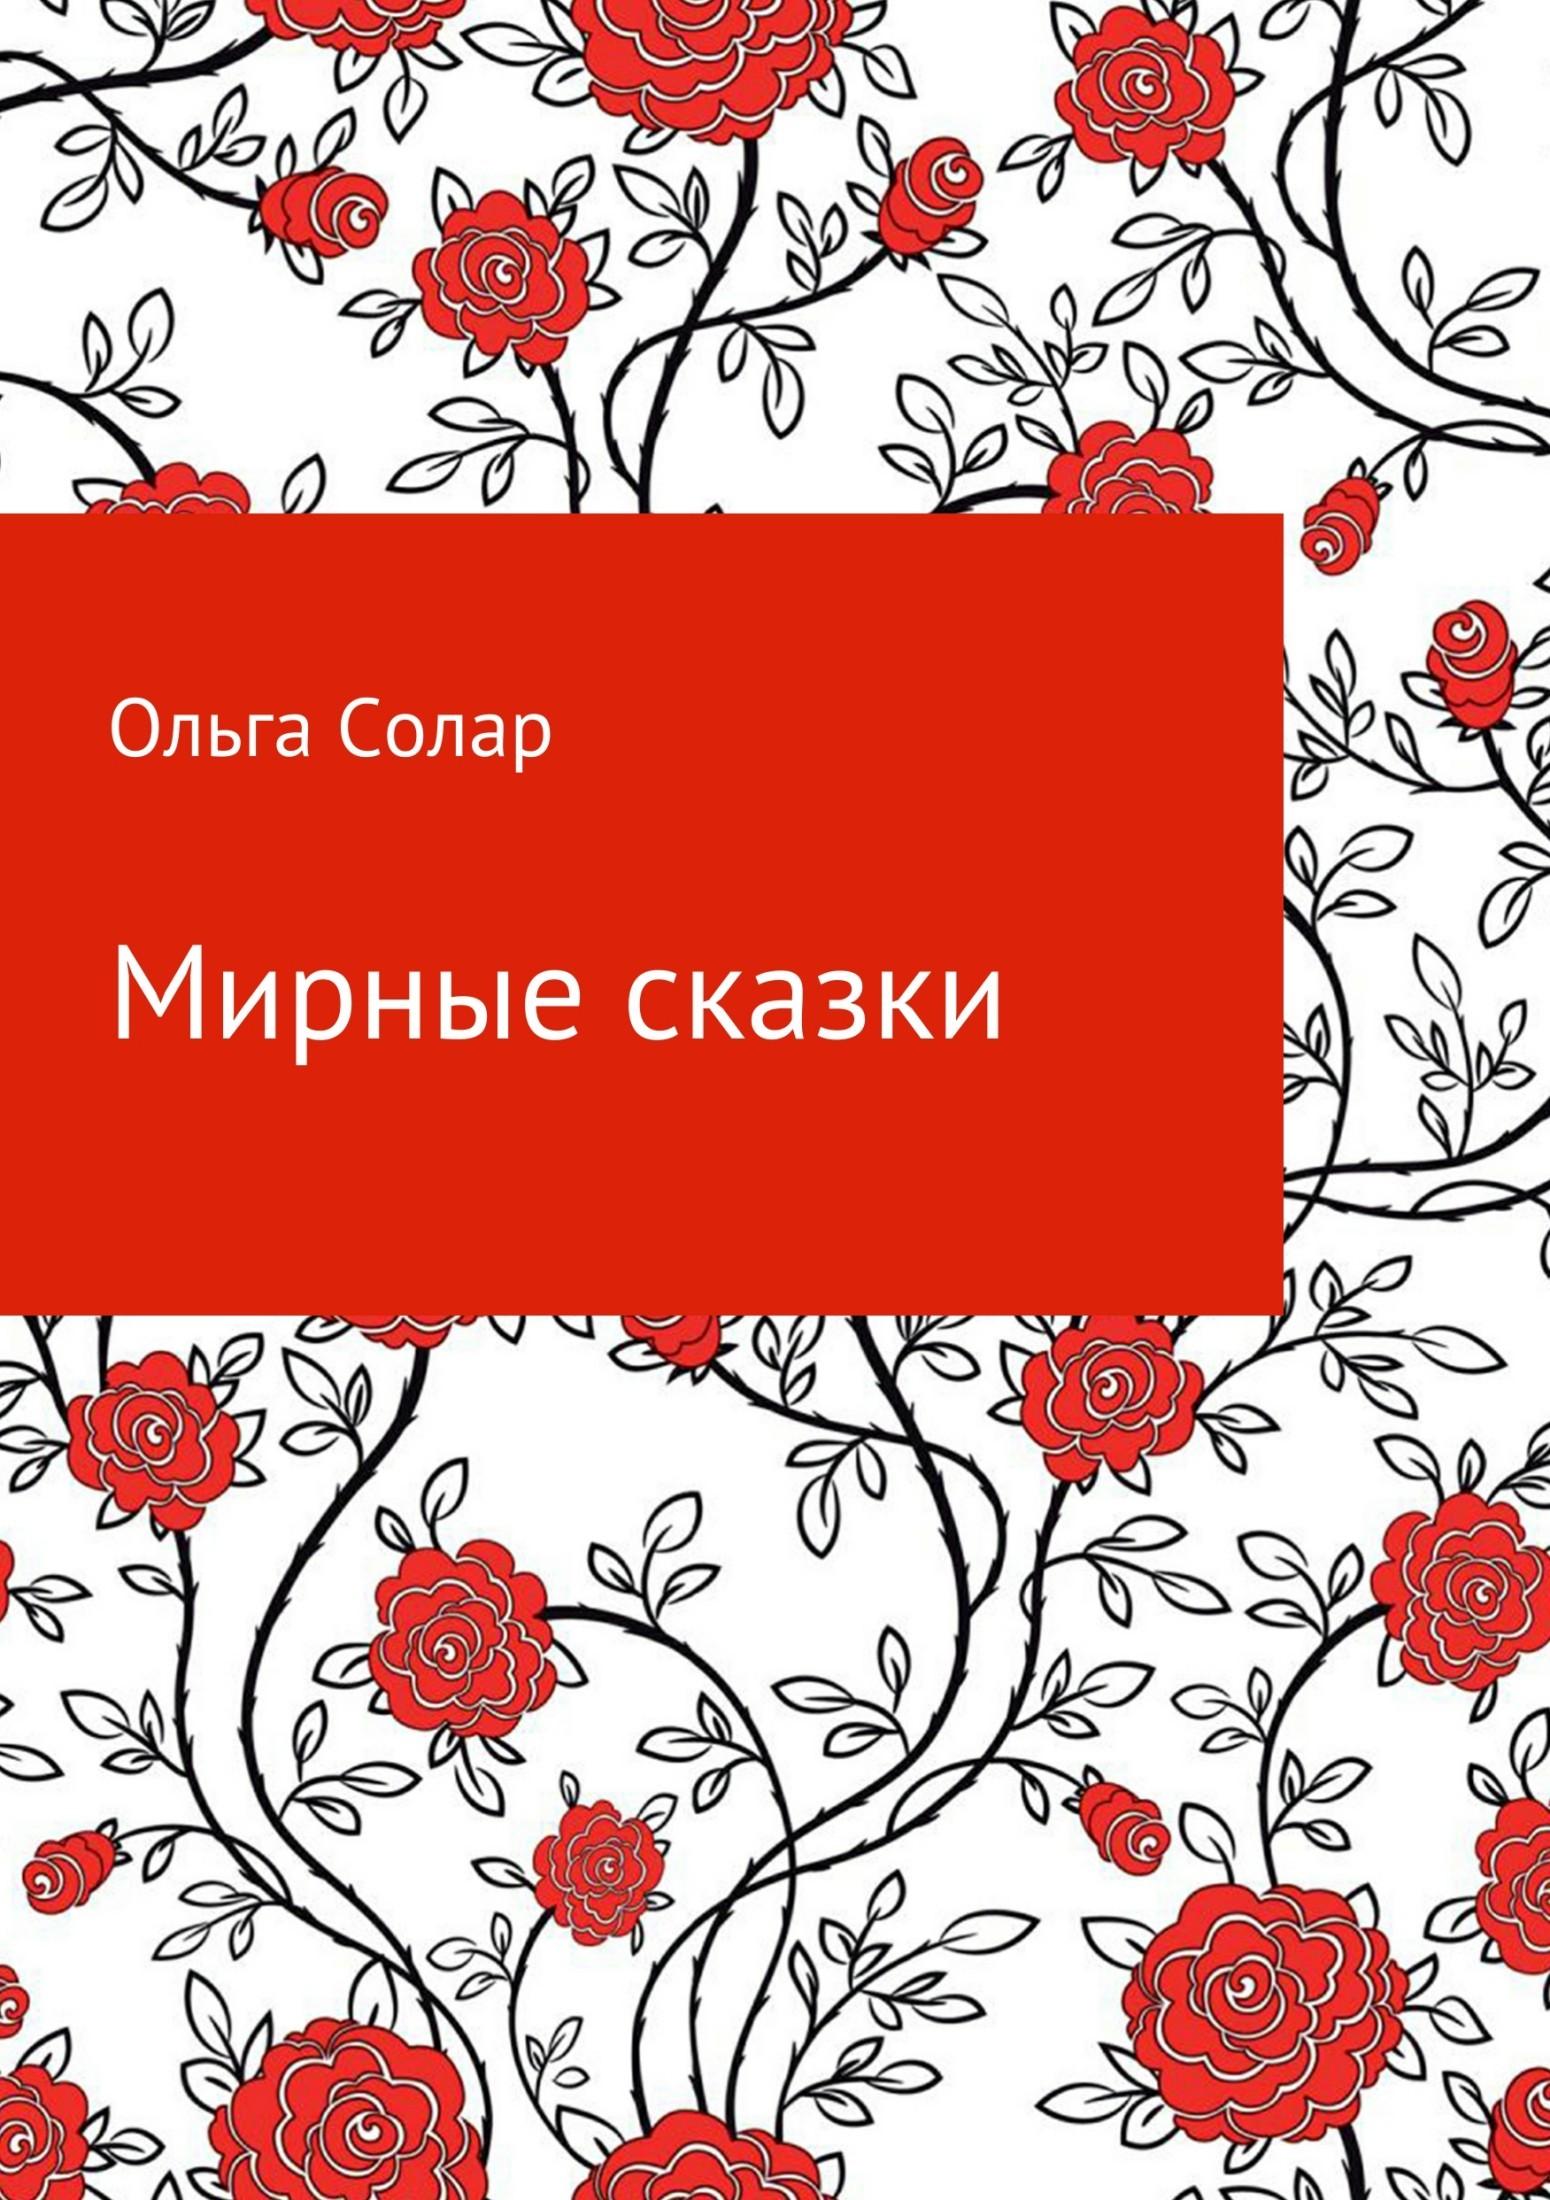 Ольга Солар - Мирные сказки